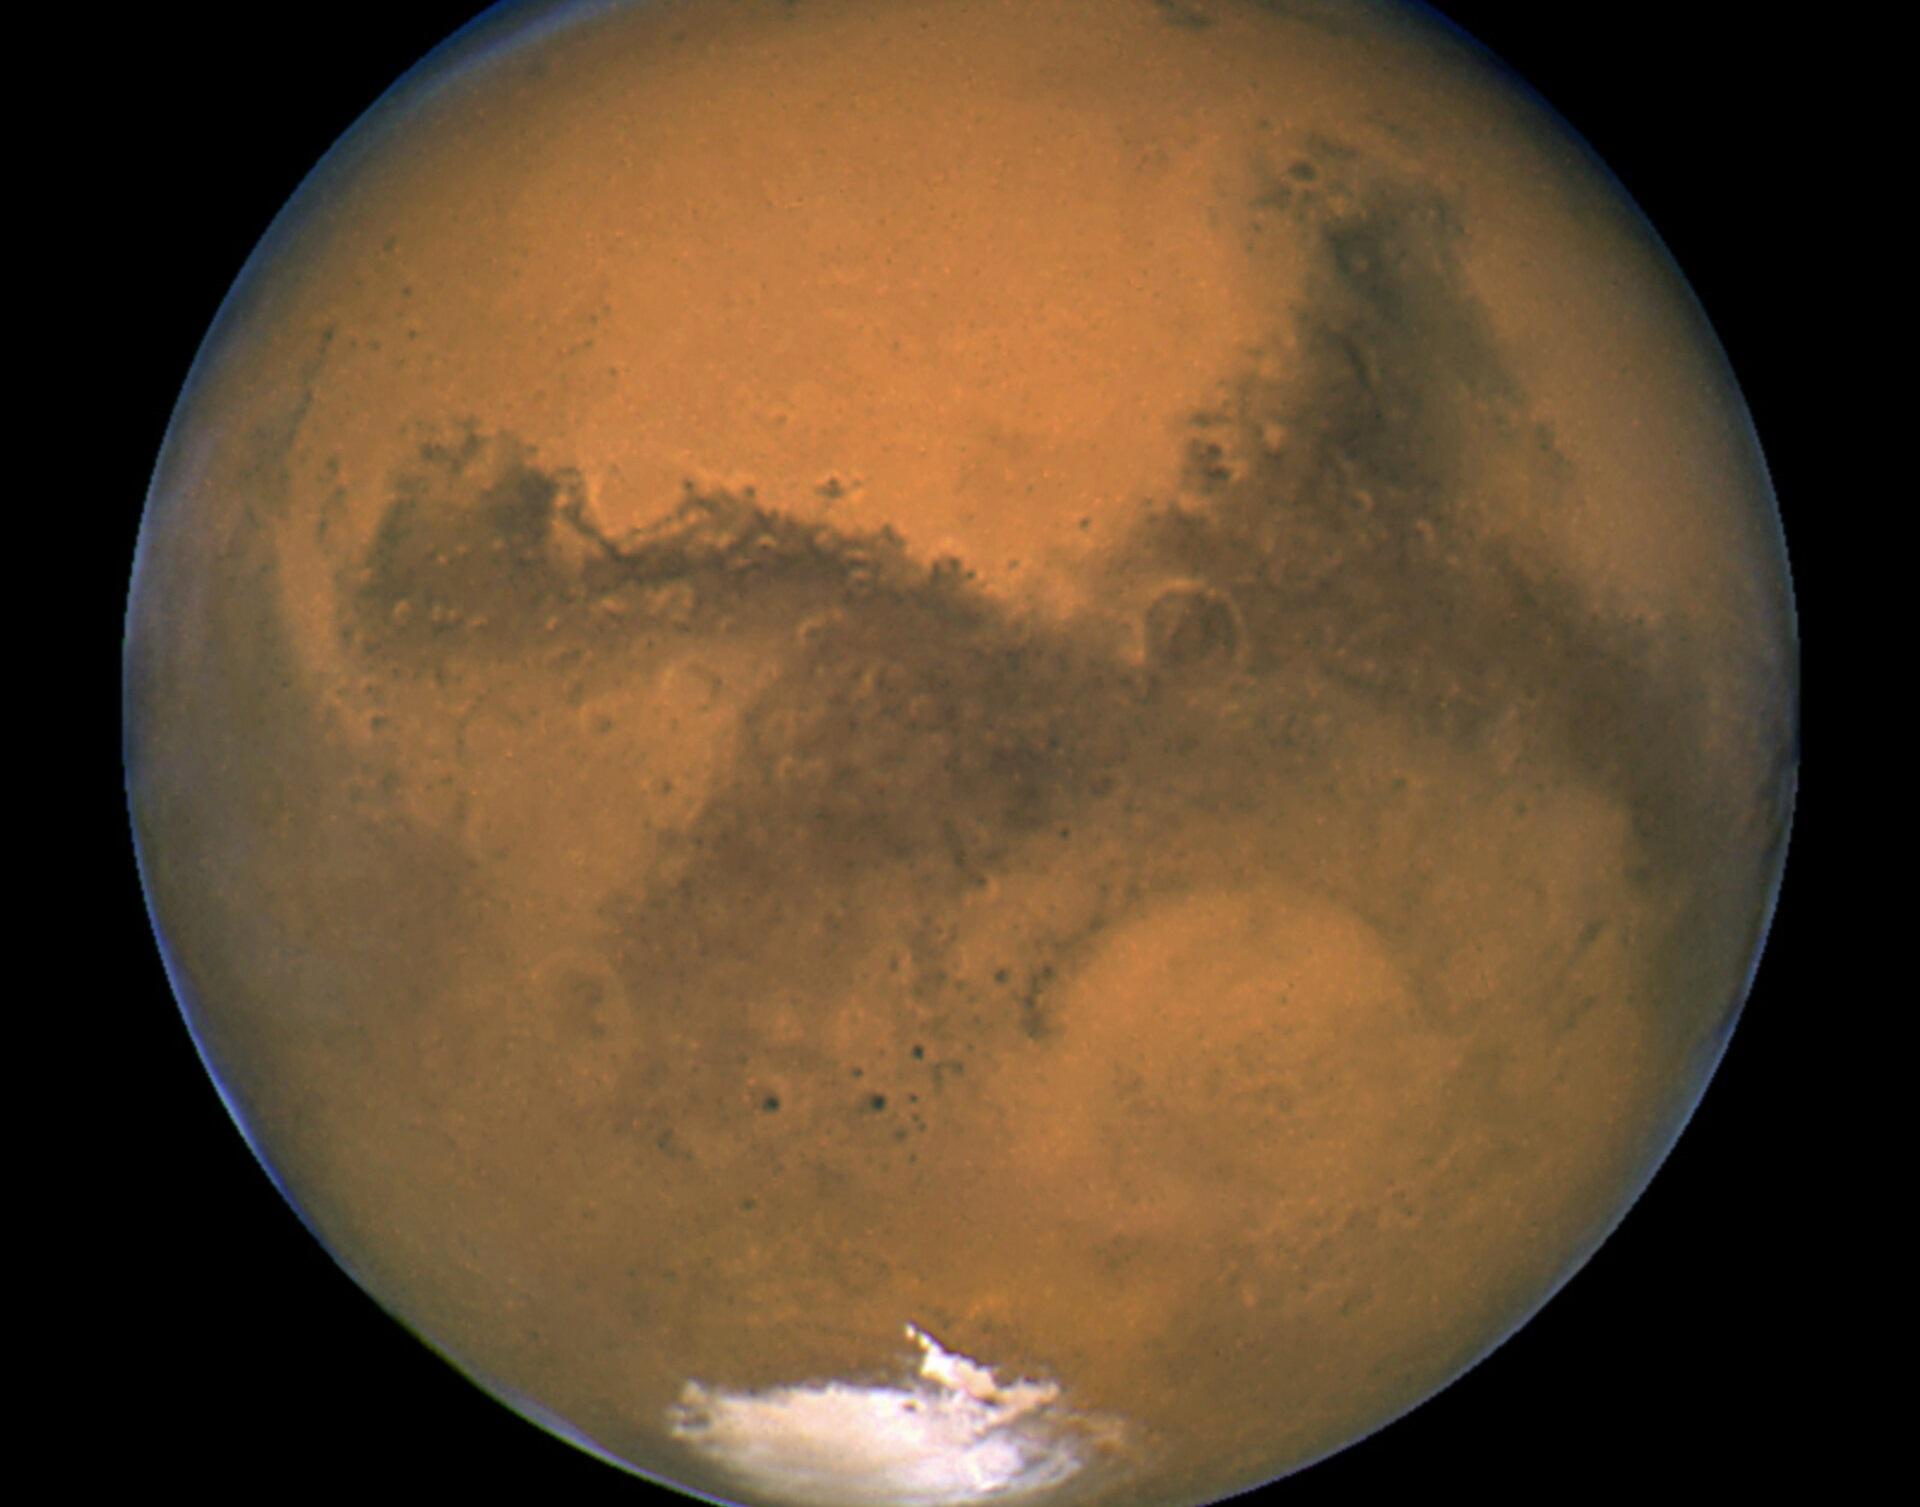 Ο φωτεινότερος και μεγαλύτερος ο Άρης ως το 2035